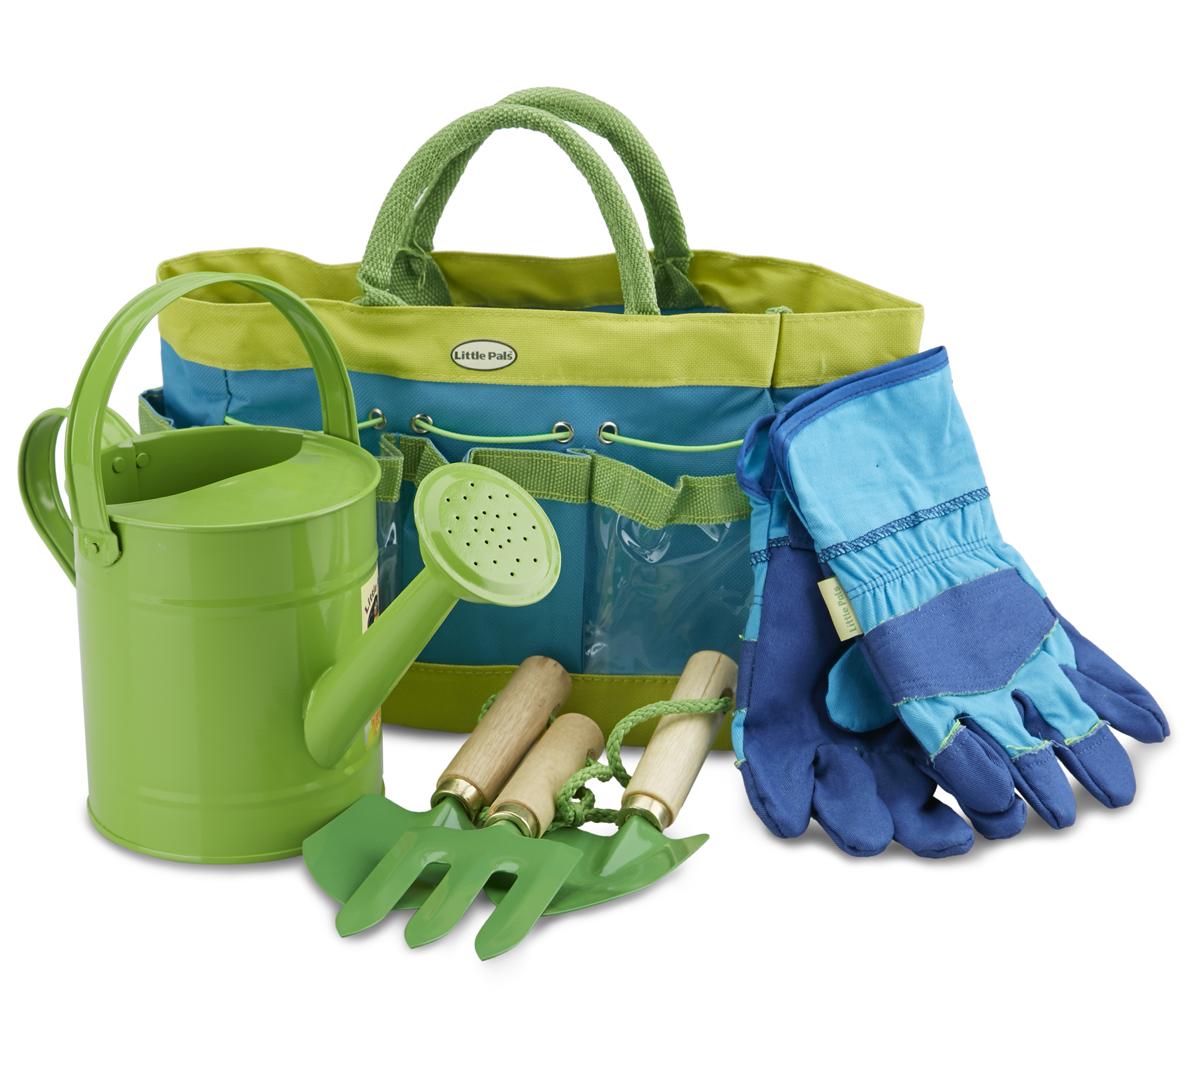 Little Pals Senior Garden Kit